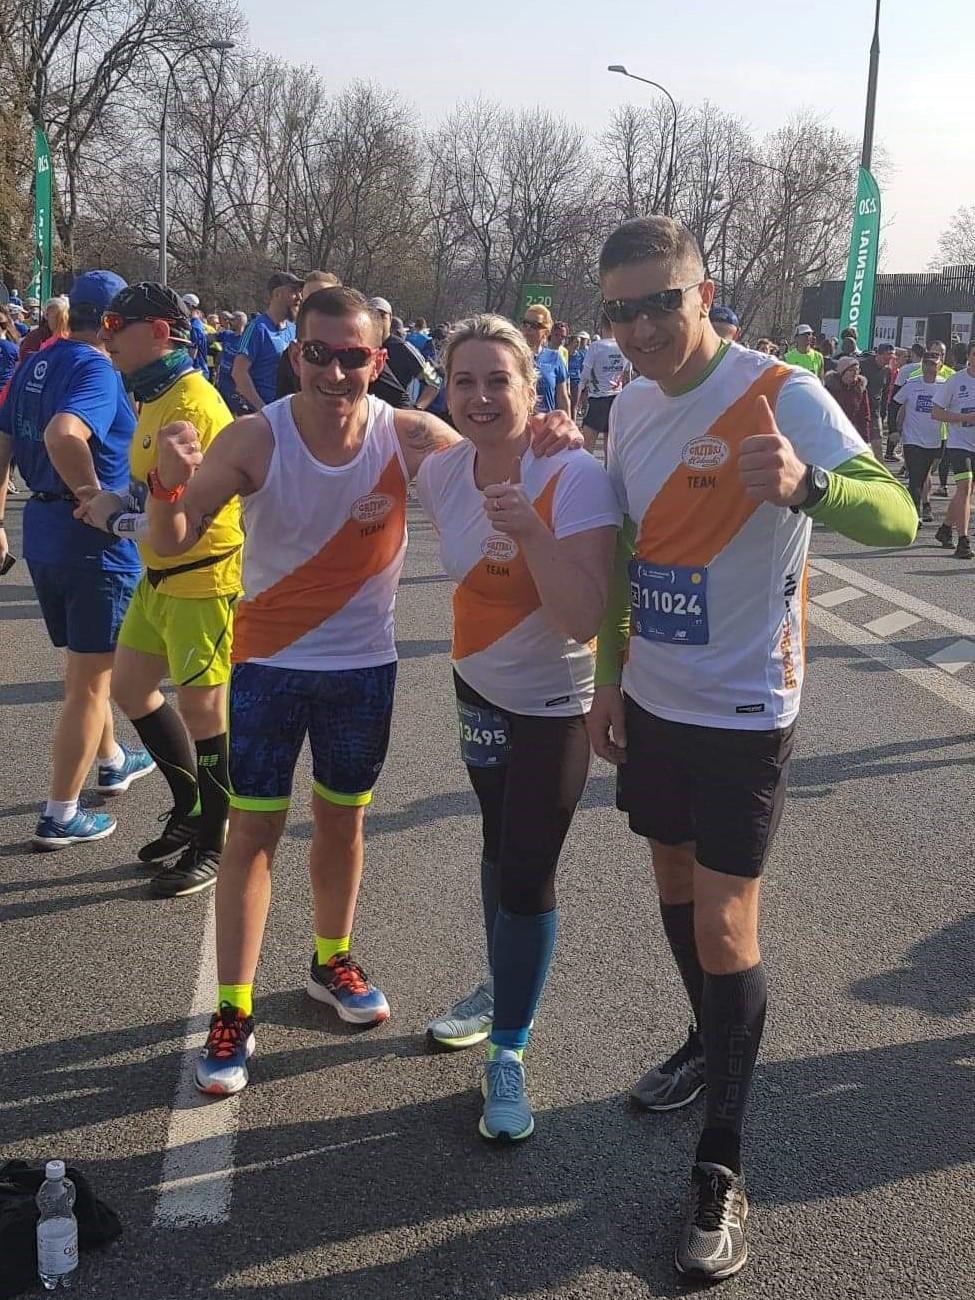 Ania, Darek i Marcin przed startem.   14. PZU Półmaraton warszawski - 31 marca 2019r.